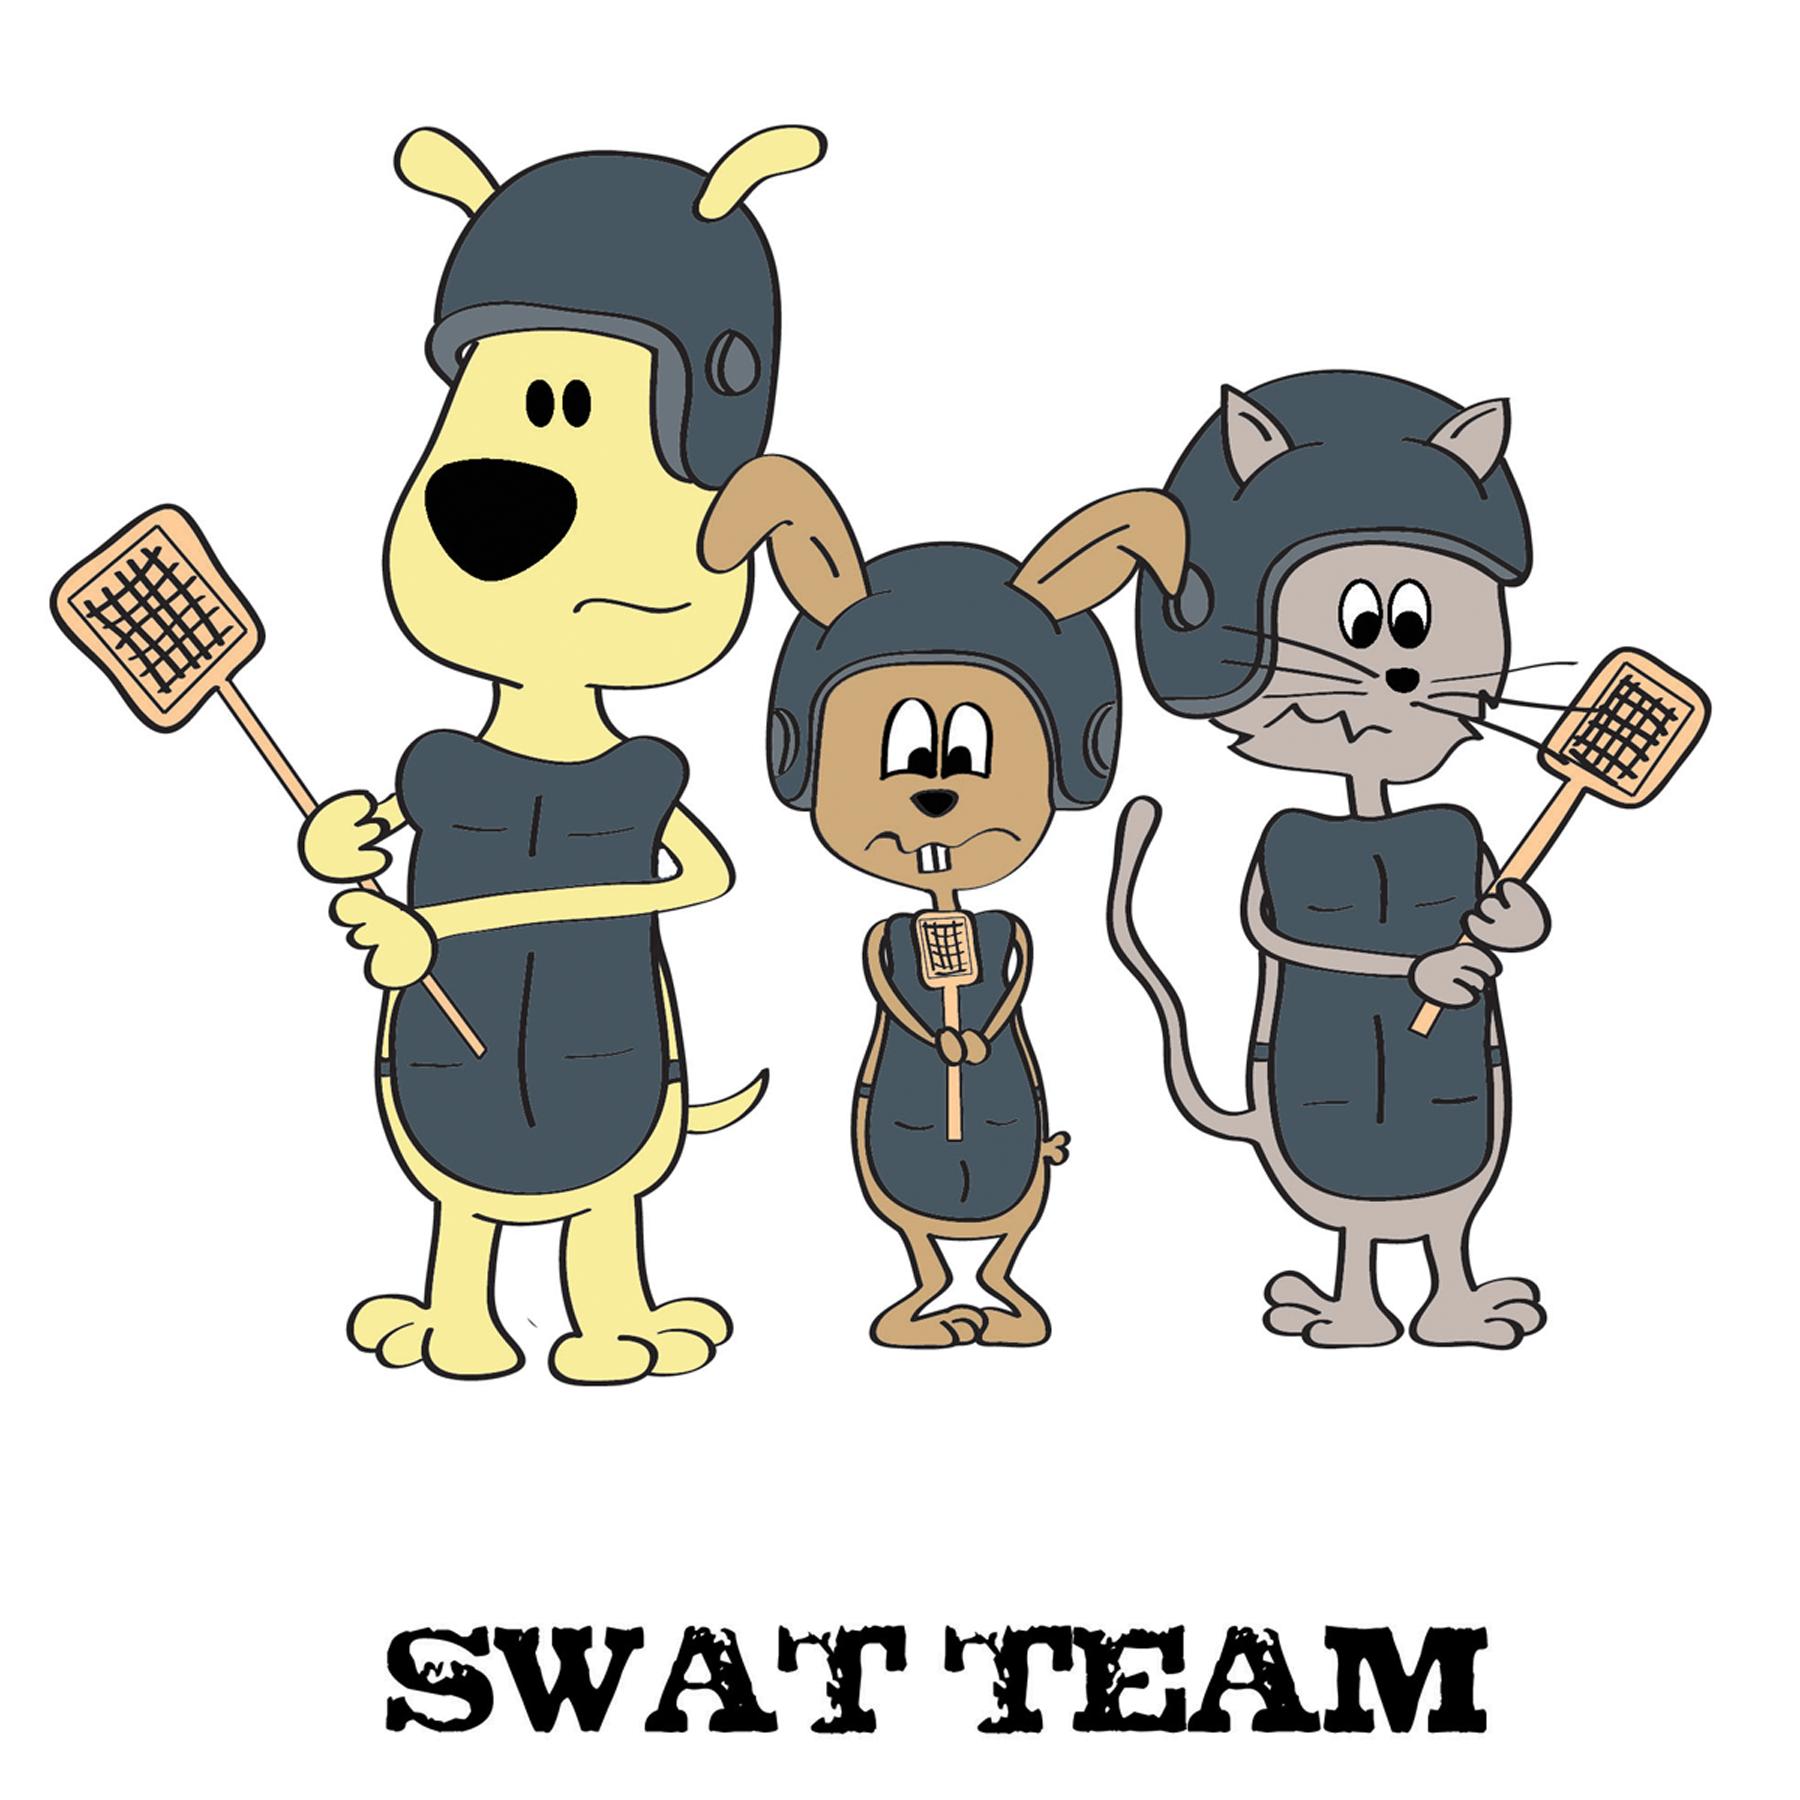 Swat Team Clip Art N5 free image.